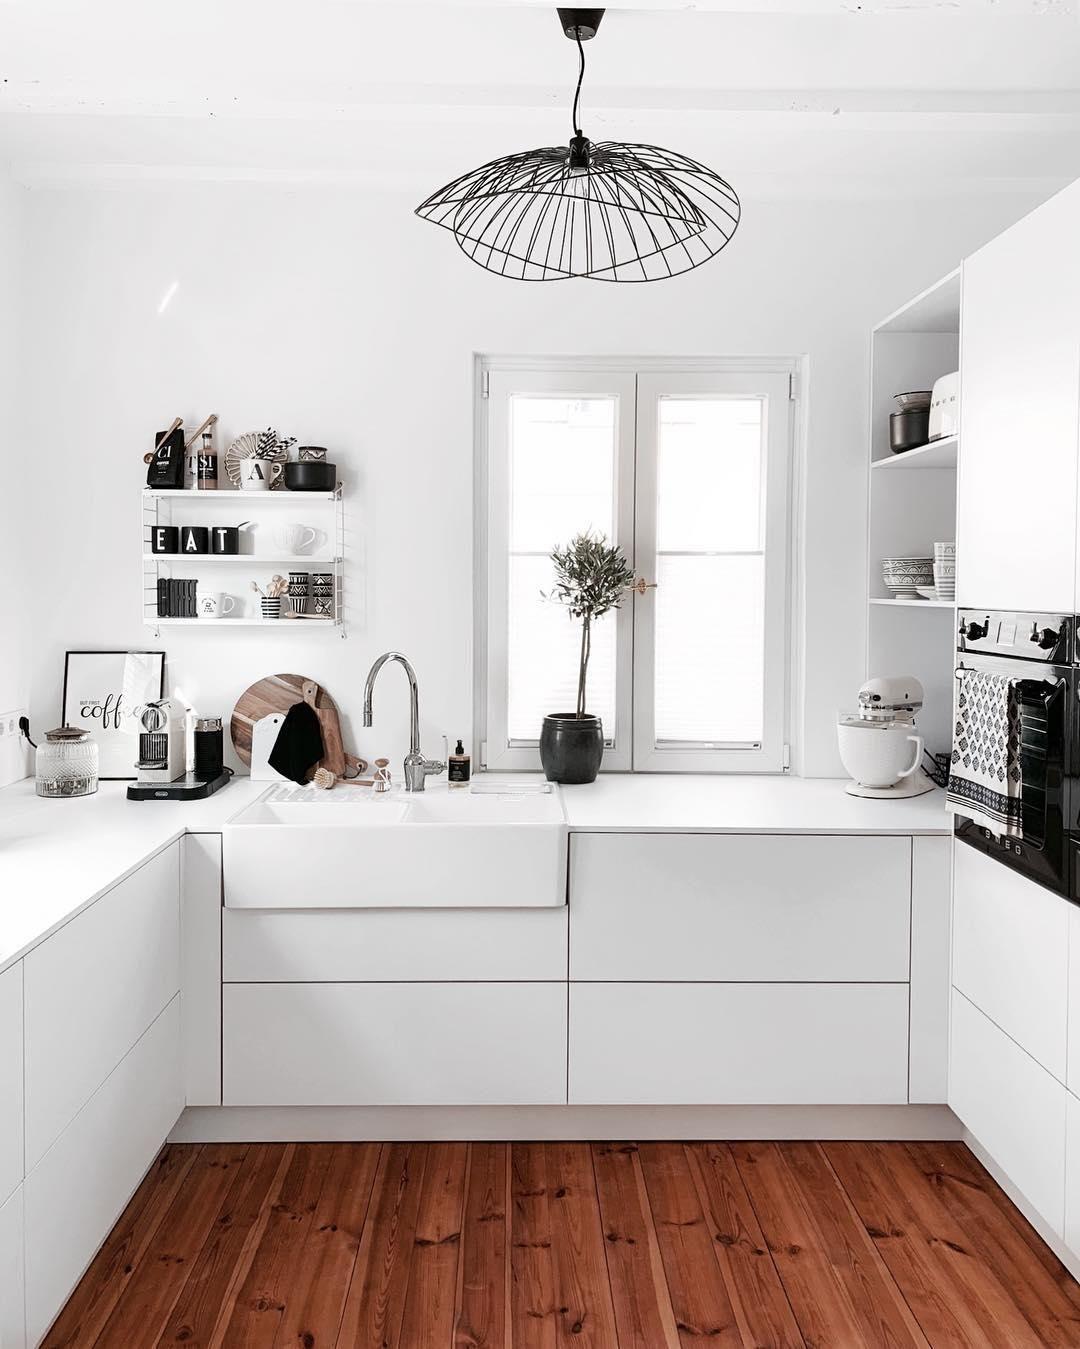 White Kitchen In Dieser Wunderschonen Kuche Stimmt Jedes Detail Tolle Deko Pieces Frische Blumen Und White Kitchen Beautiful Kitchens White Kitchen Lighting